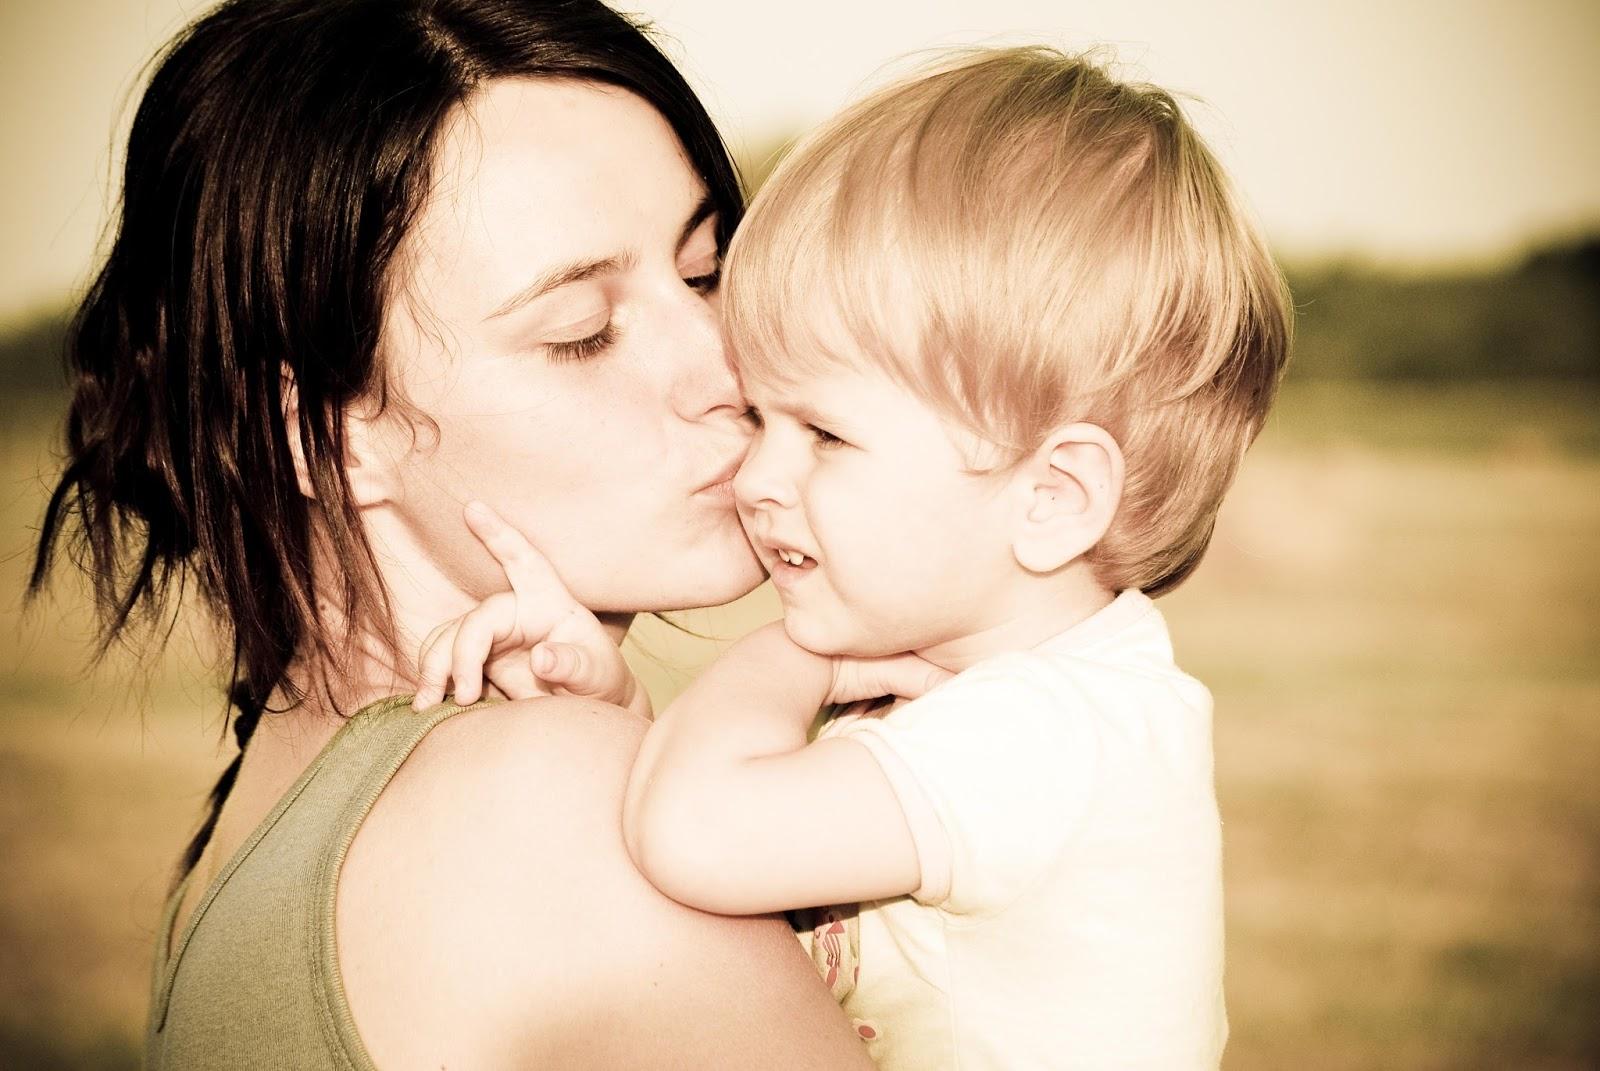 Сын и мамочка 6 фотография